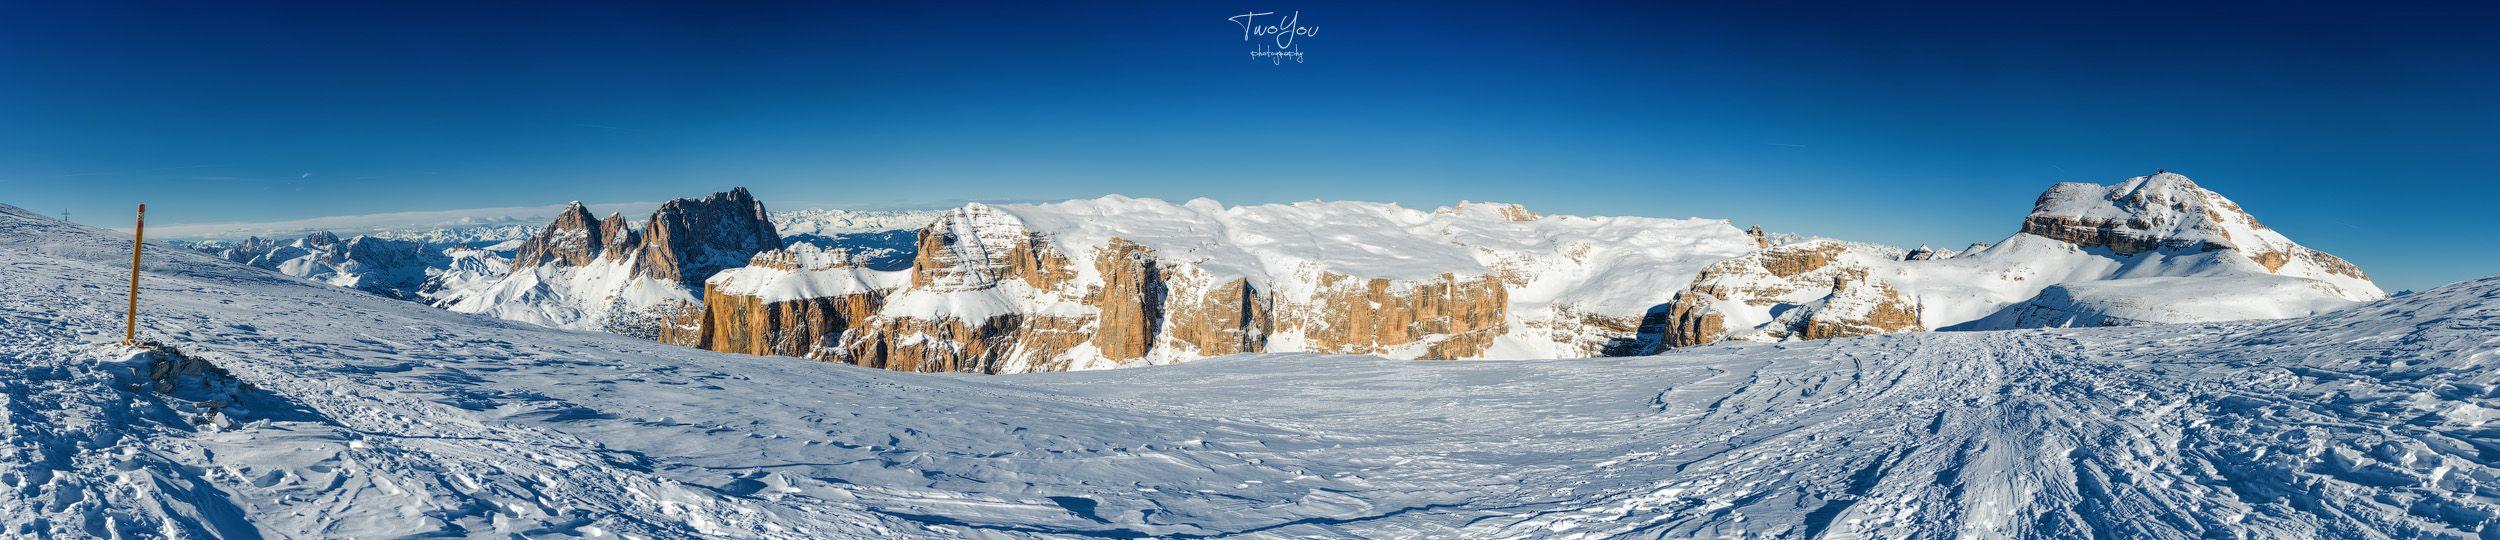 Панорама дня: Доломитовые Альпы, часть 11.